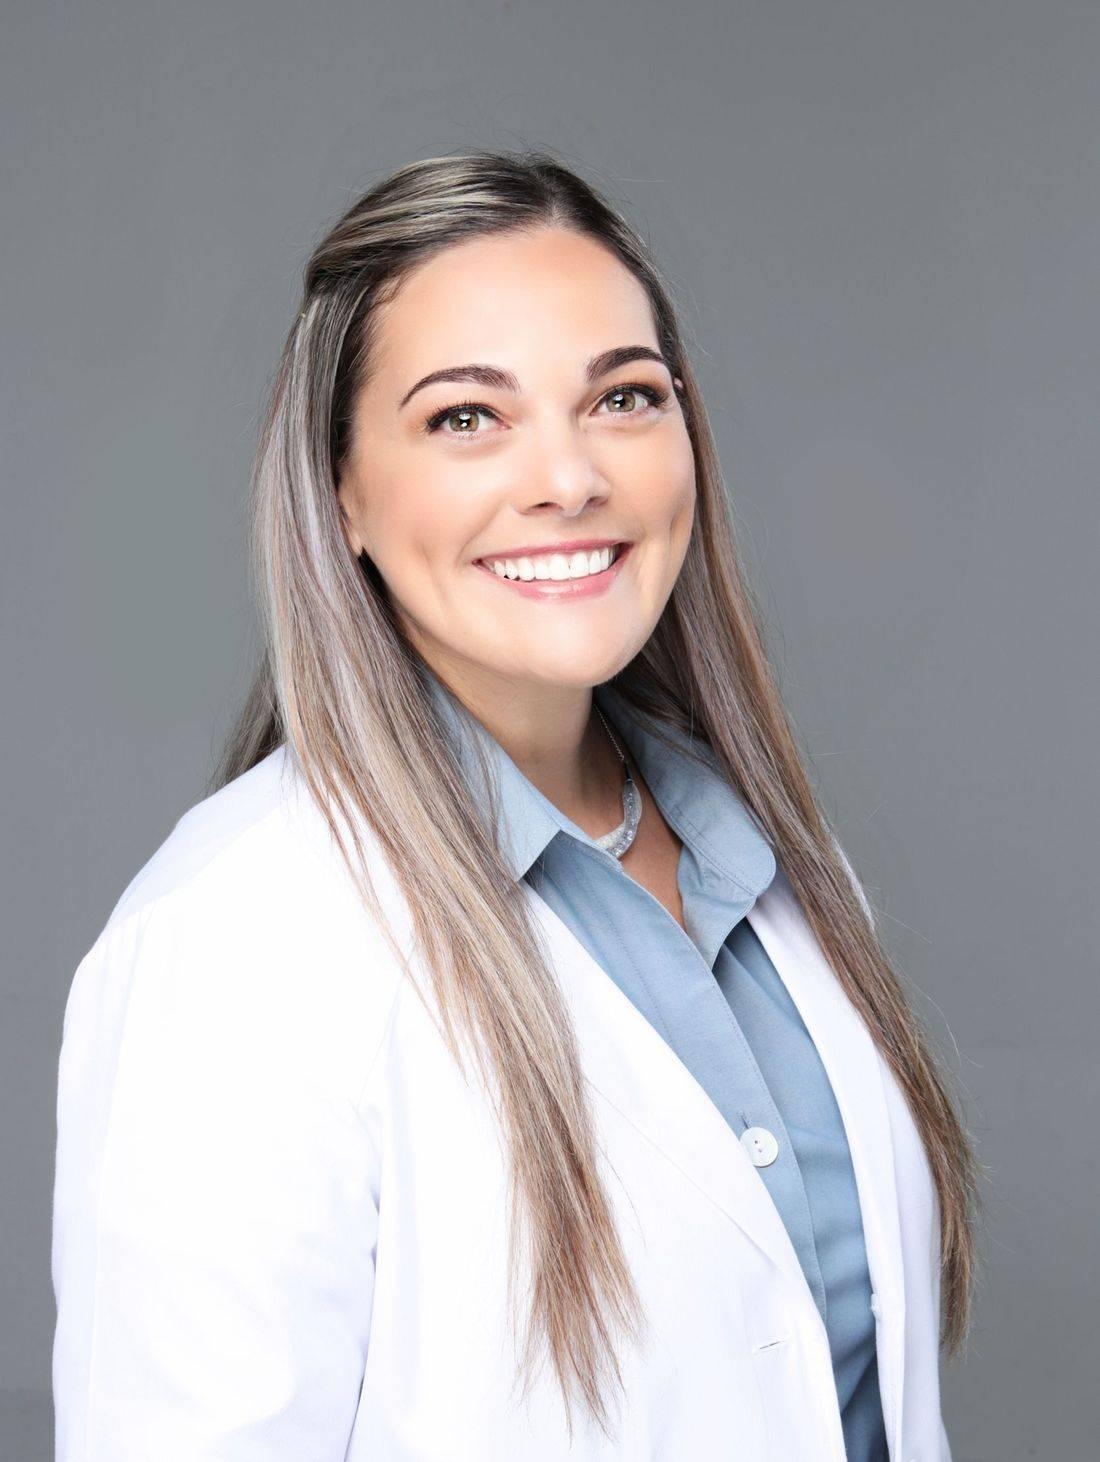 FNP Cecilia Roman